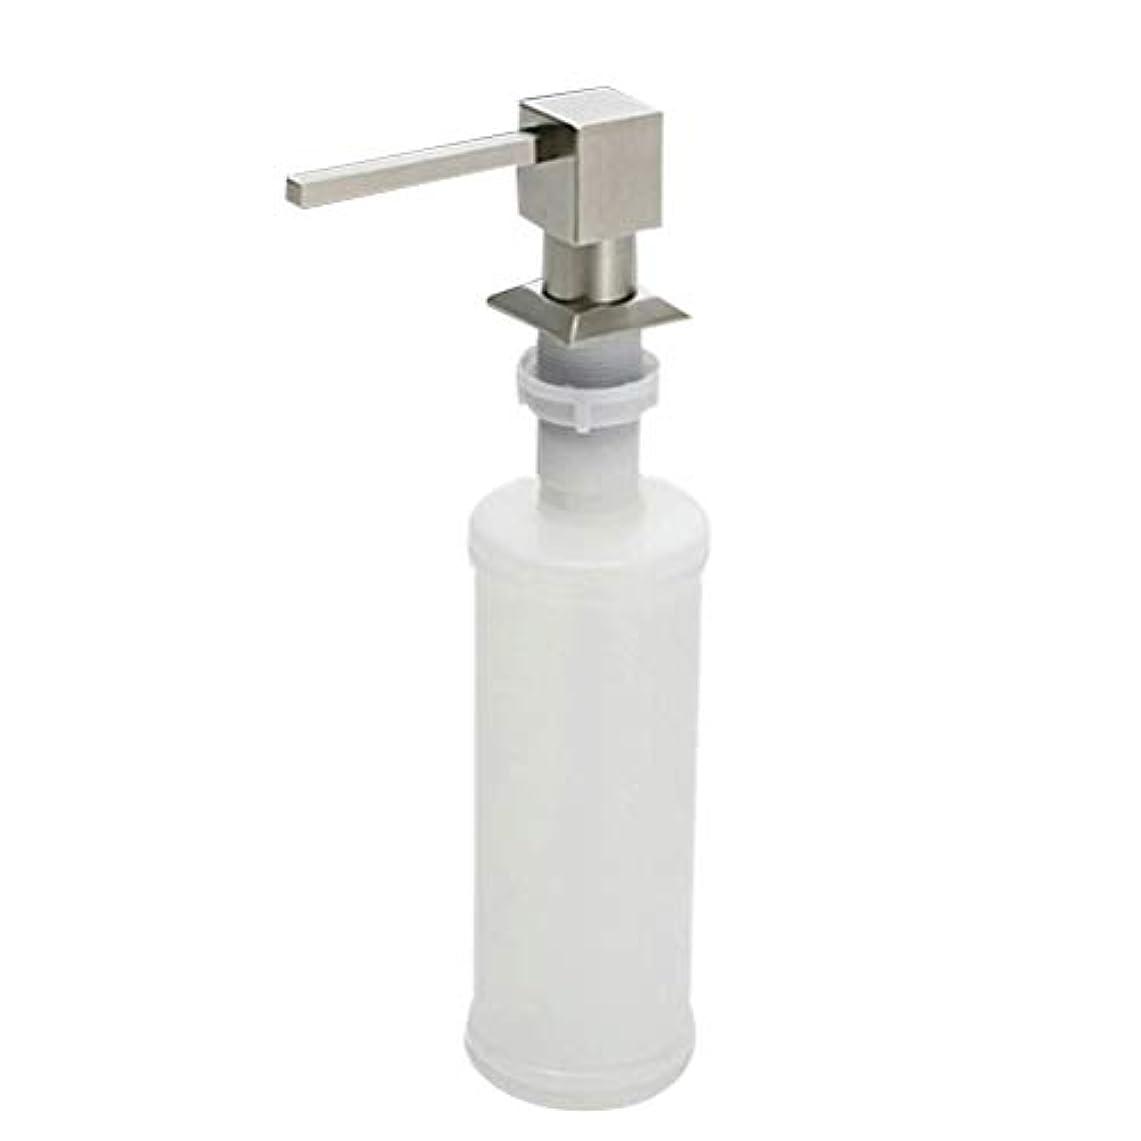 化学薬品告白天皇Yardwe ステンレス鋼の流しが付いている石鹸ディスペンサー台所のための石鹸ディスペンサーポンプローションのびん